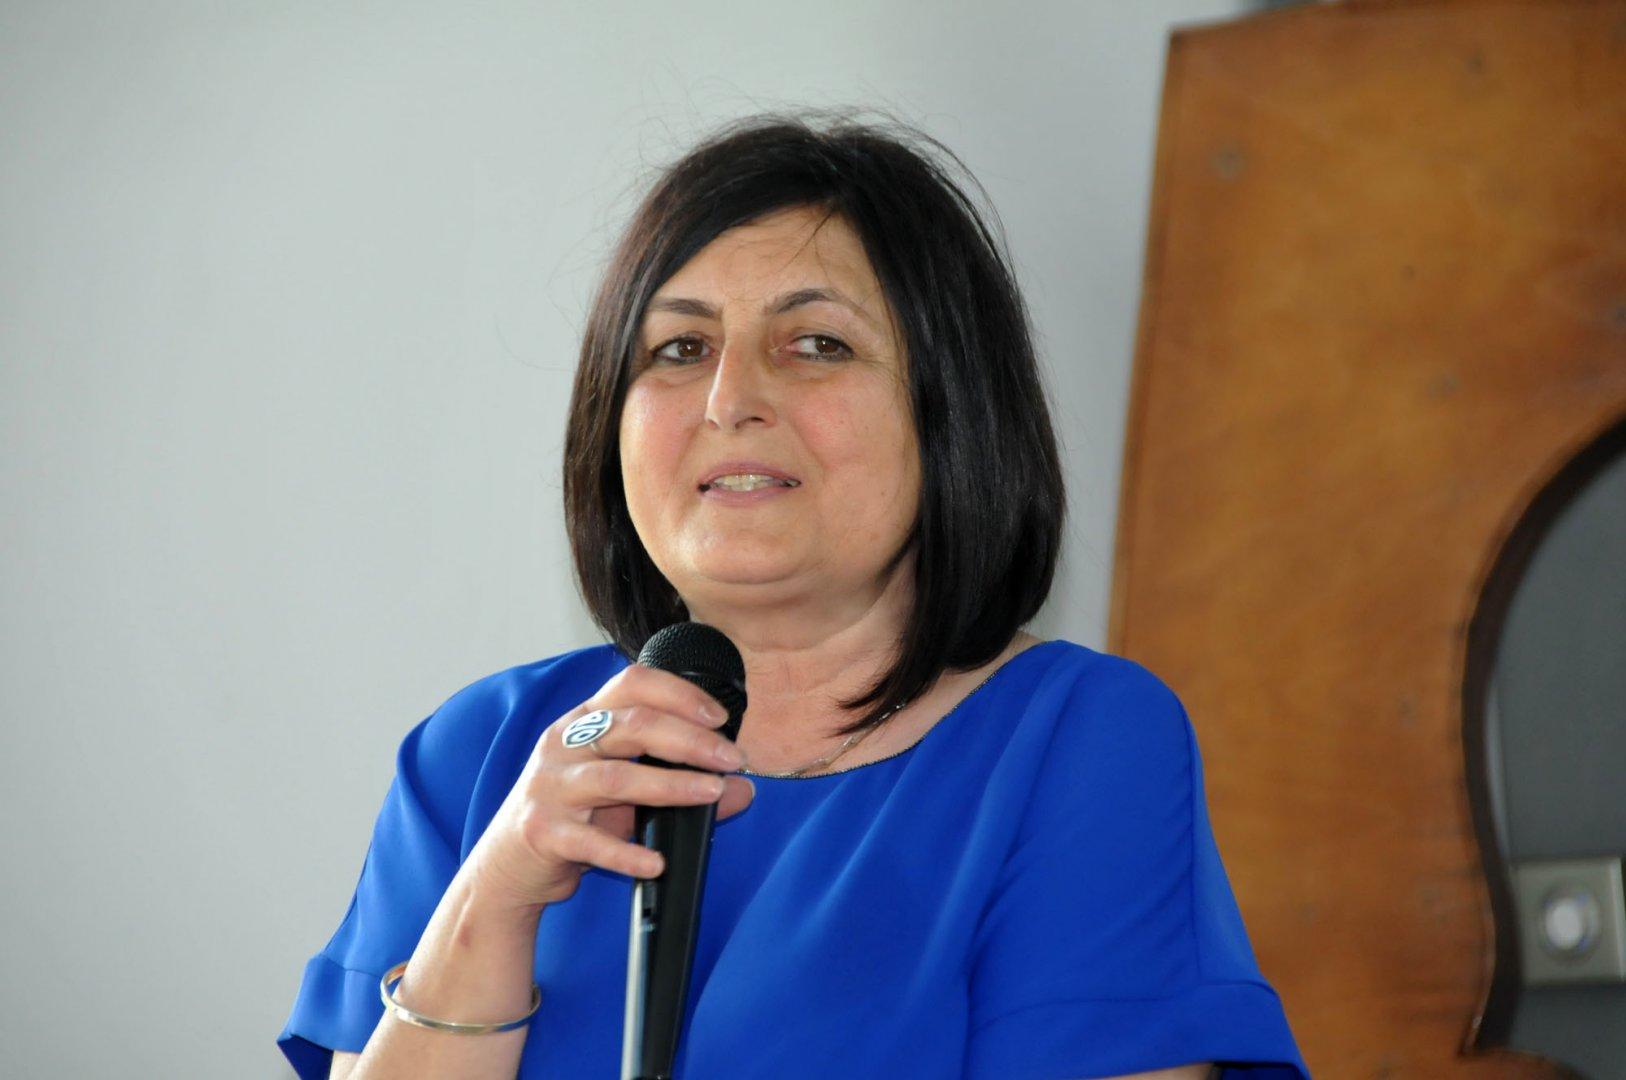 За предстоящата 2019/2020 г. в момента се подготвят документи и се обмисля коя от специалностите в гимназията да бъде новата иновативна, каза Роза Желева. Снимка Архив Черноморие-бг